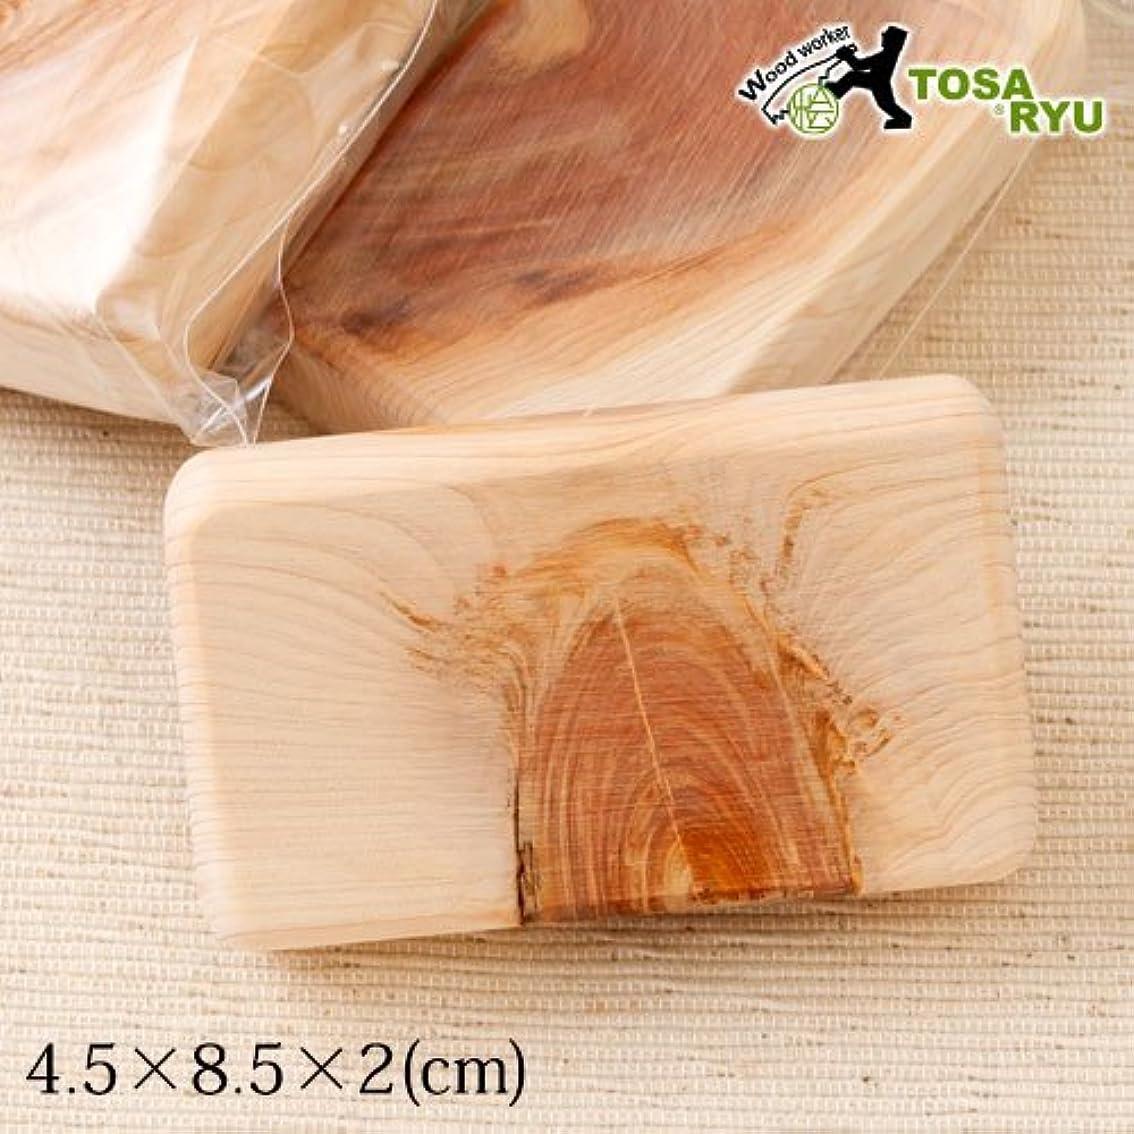 びっくりしたマイルストーンうまれた土佐龍アロマブロック(1個)高知県の工芸品Aroma massager of cypress, Kochi craft